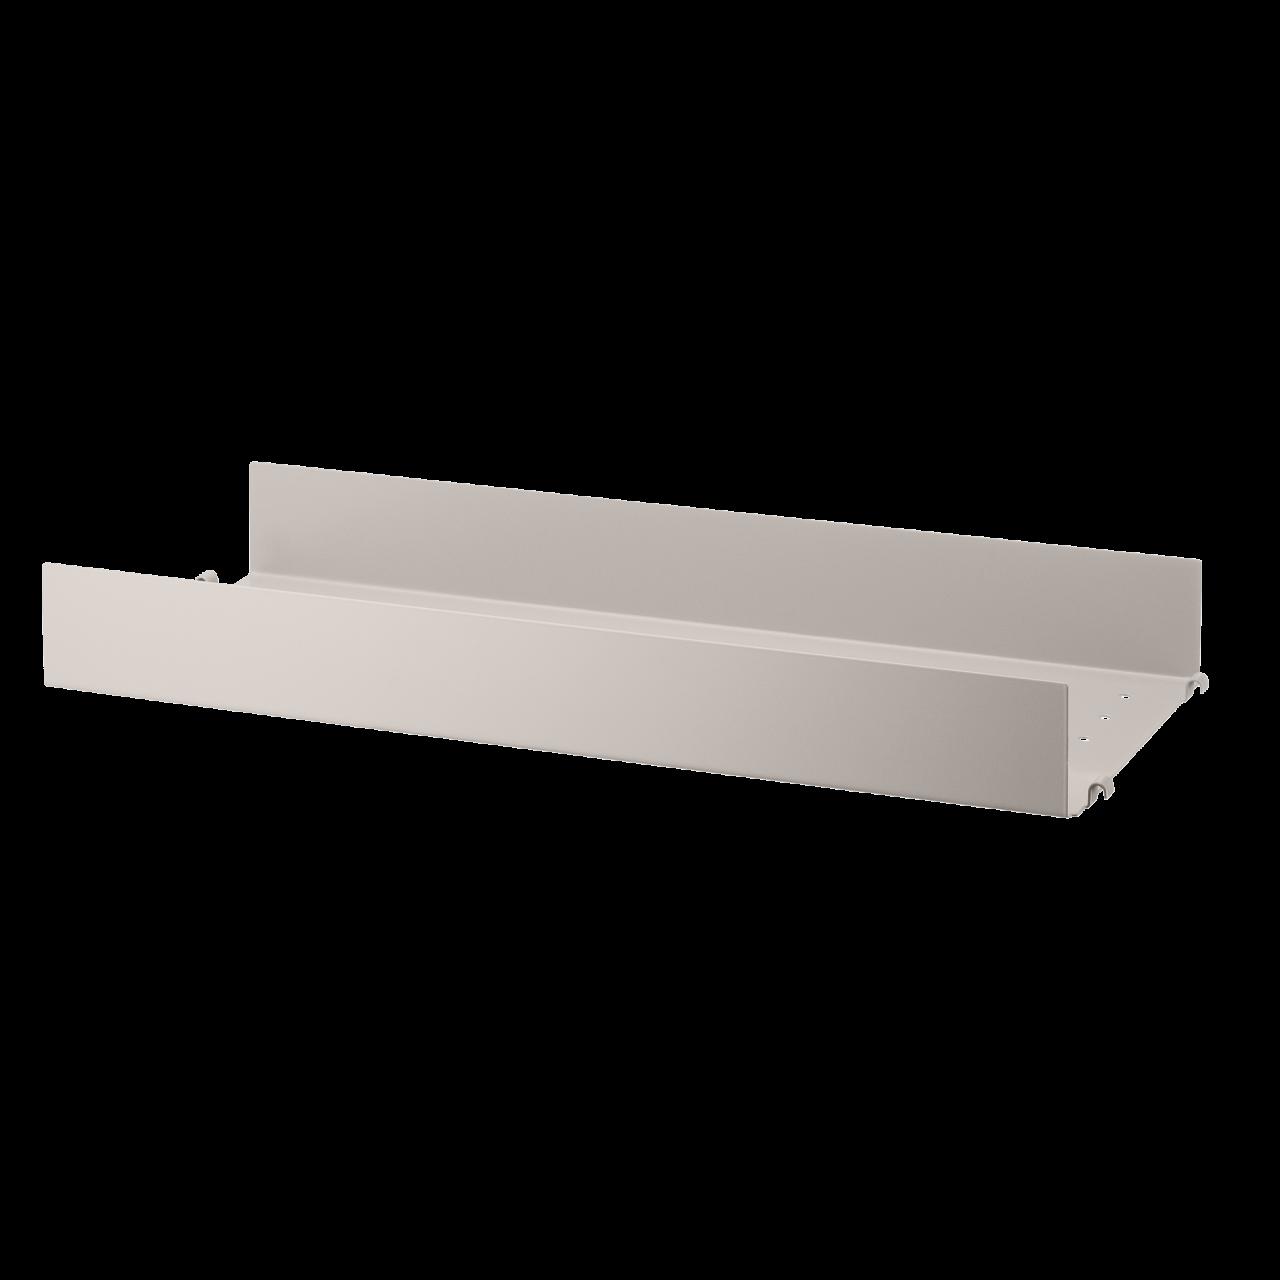 Regalboden aus Metall mit hoher Kante